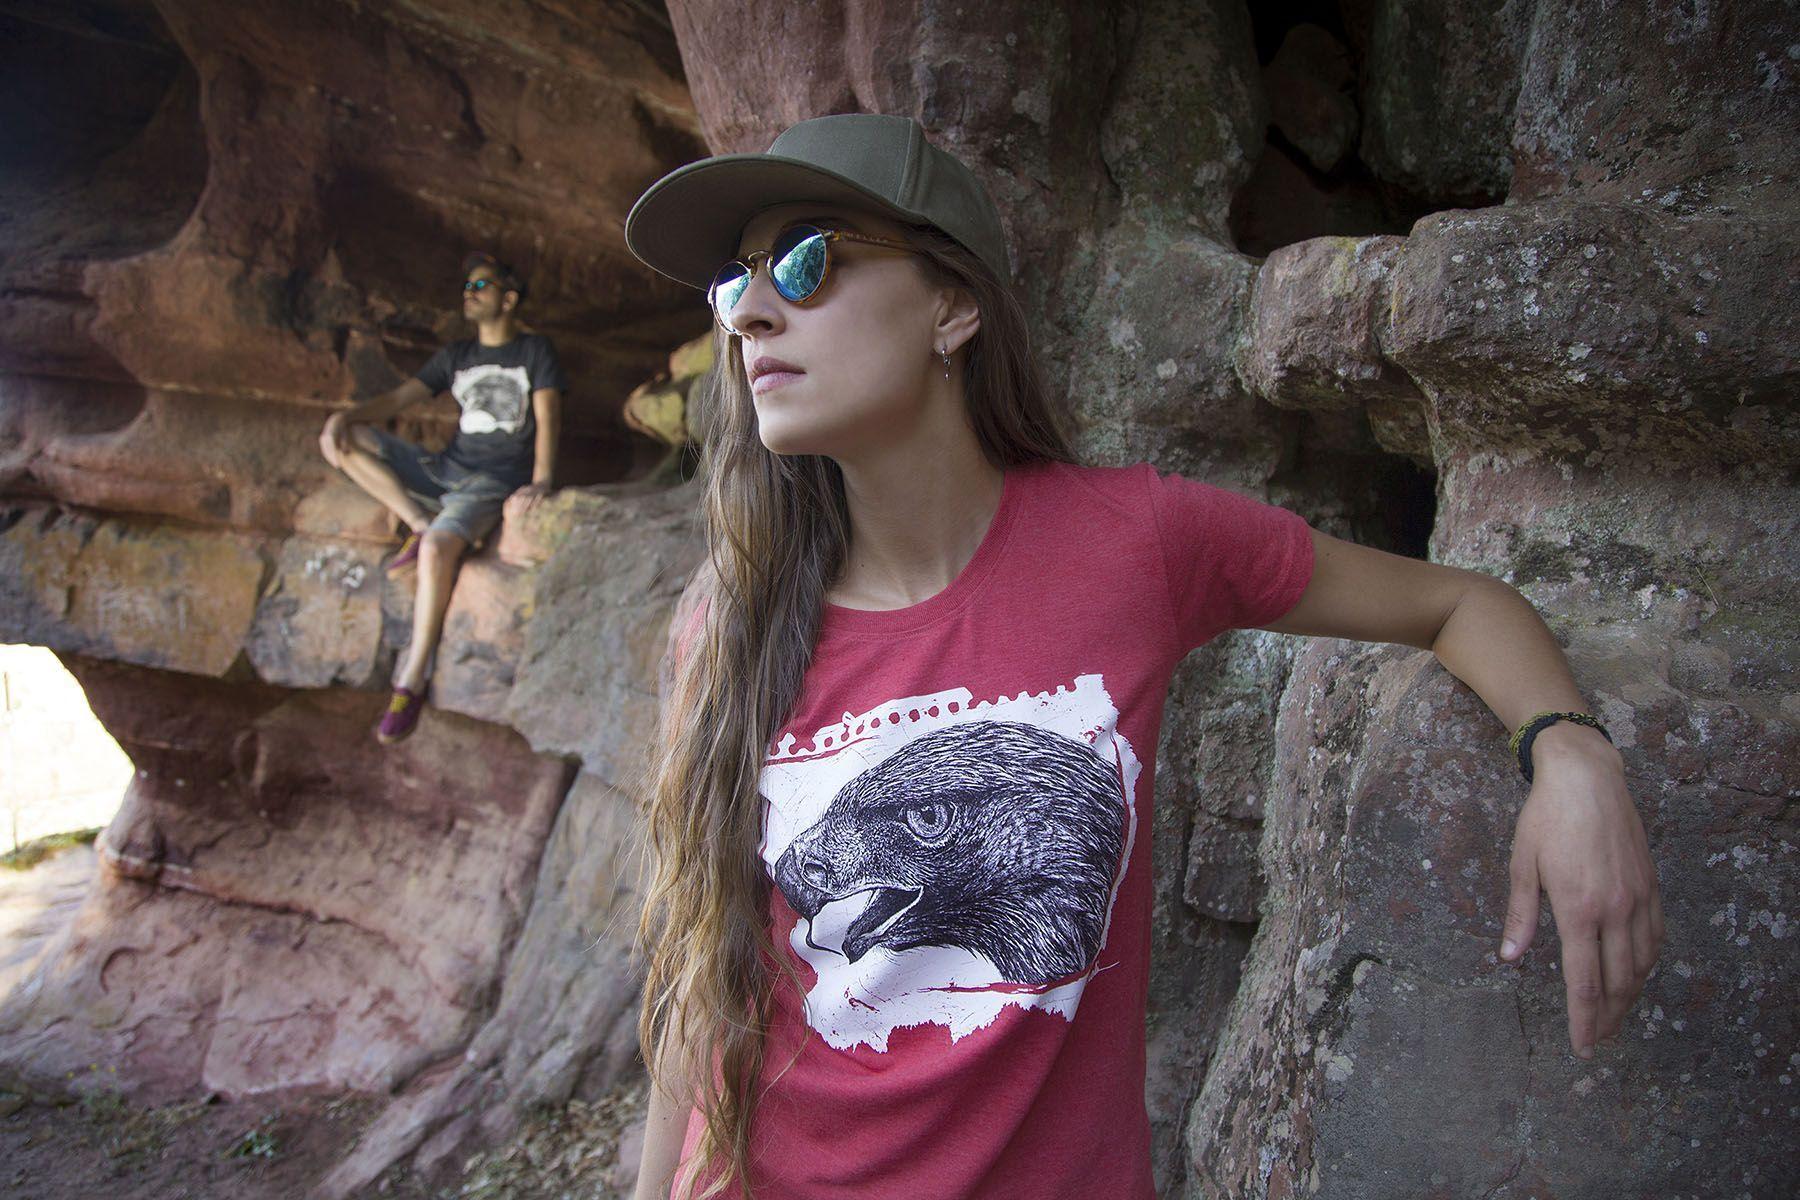 sirem wild-coleccion animales totem-moda sostenible-aguila